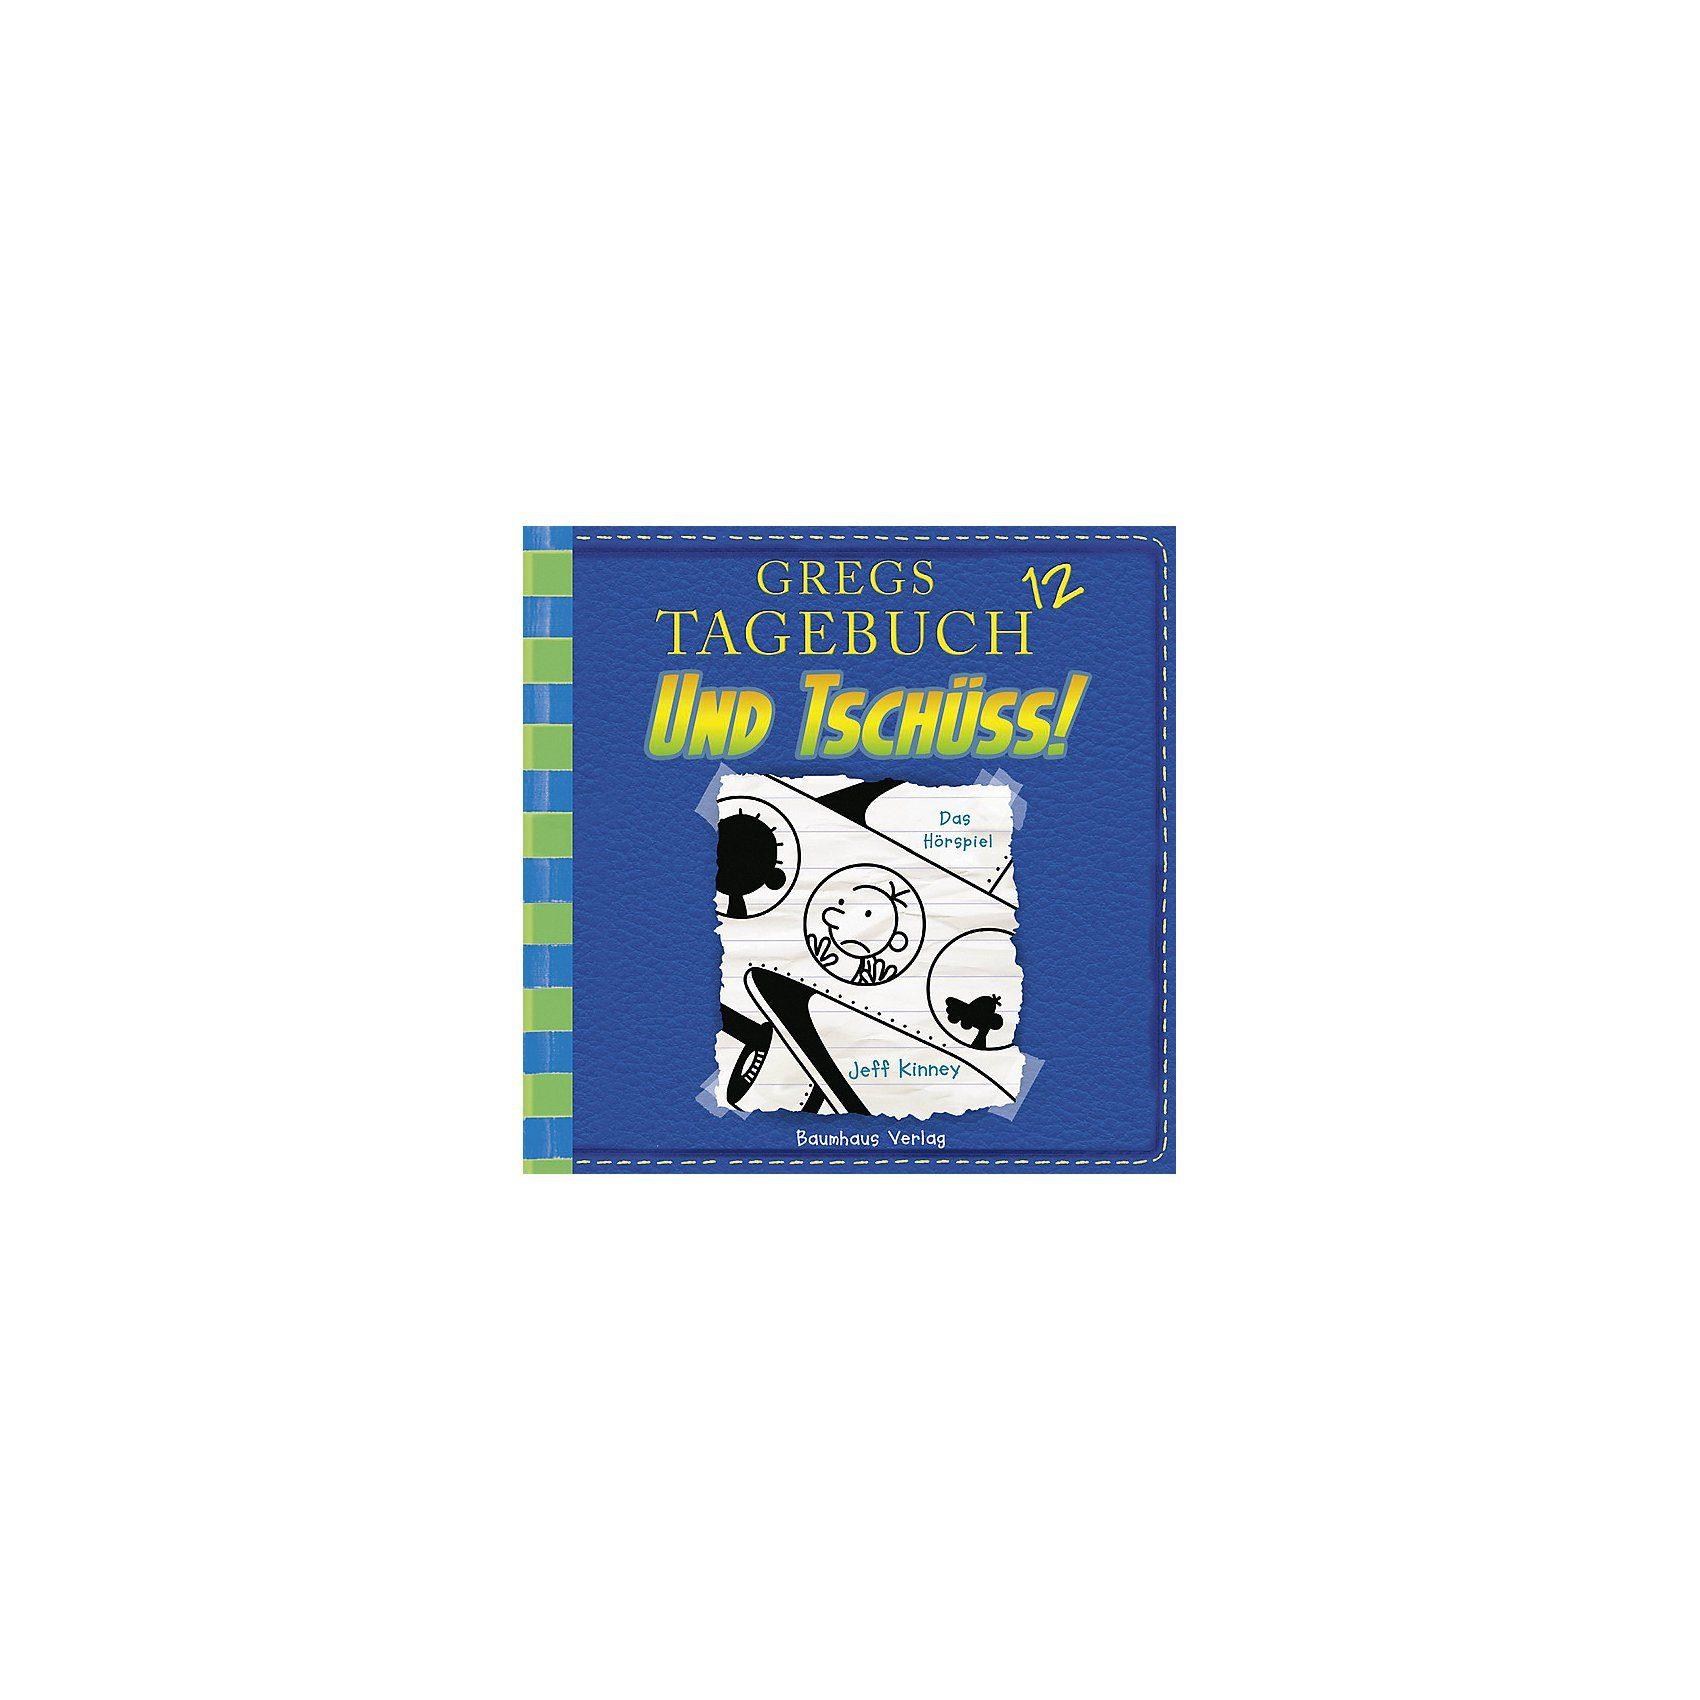 Baumhaus Verlag Gregs Tagebuch 12: Und tschüss!, Audio-CD